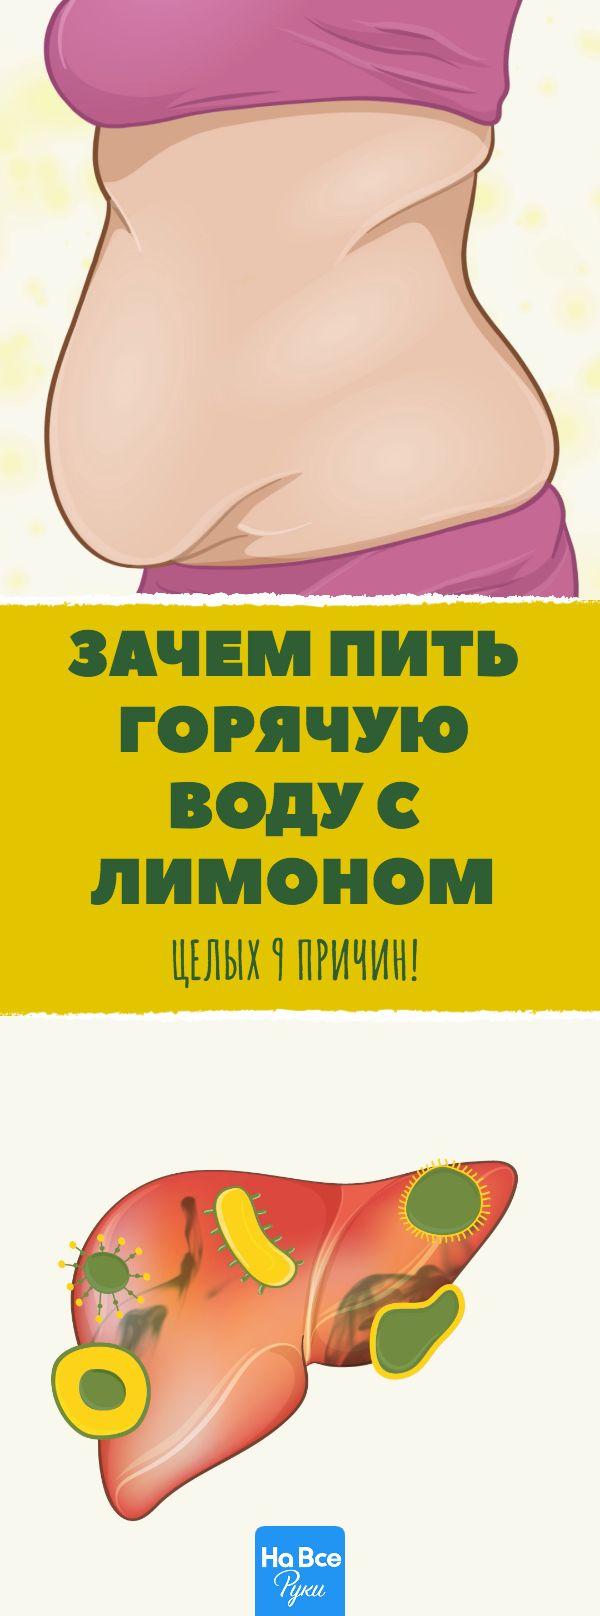 Вот что будет, если 8 недель подряд пить по утрам горячую воду с лимоном. #здоровье #зож #витамины #лимон #похудение #детокс #рецепты